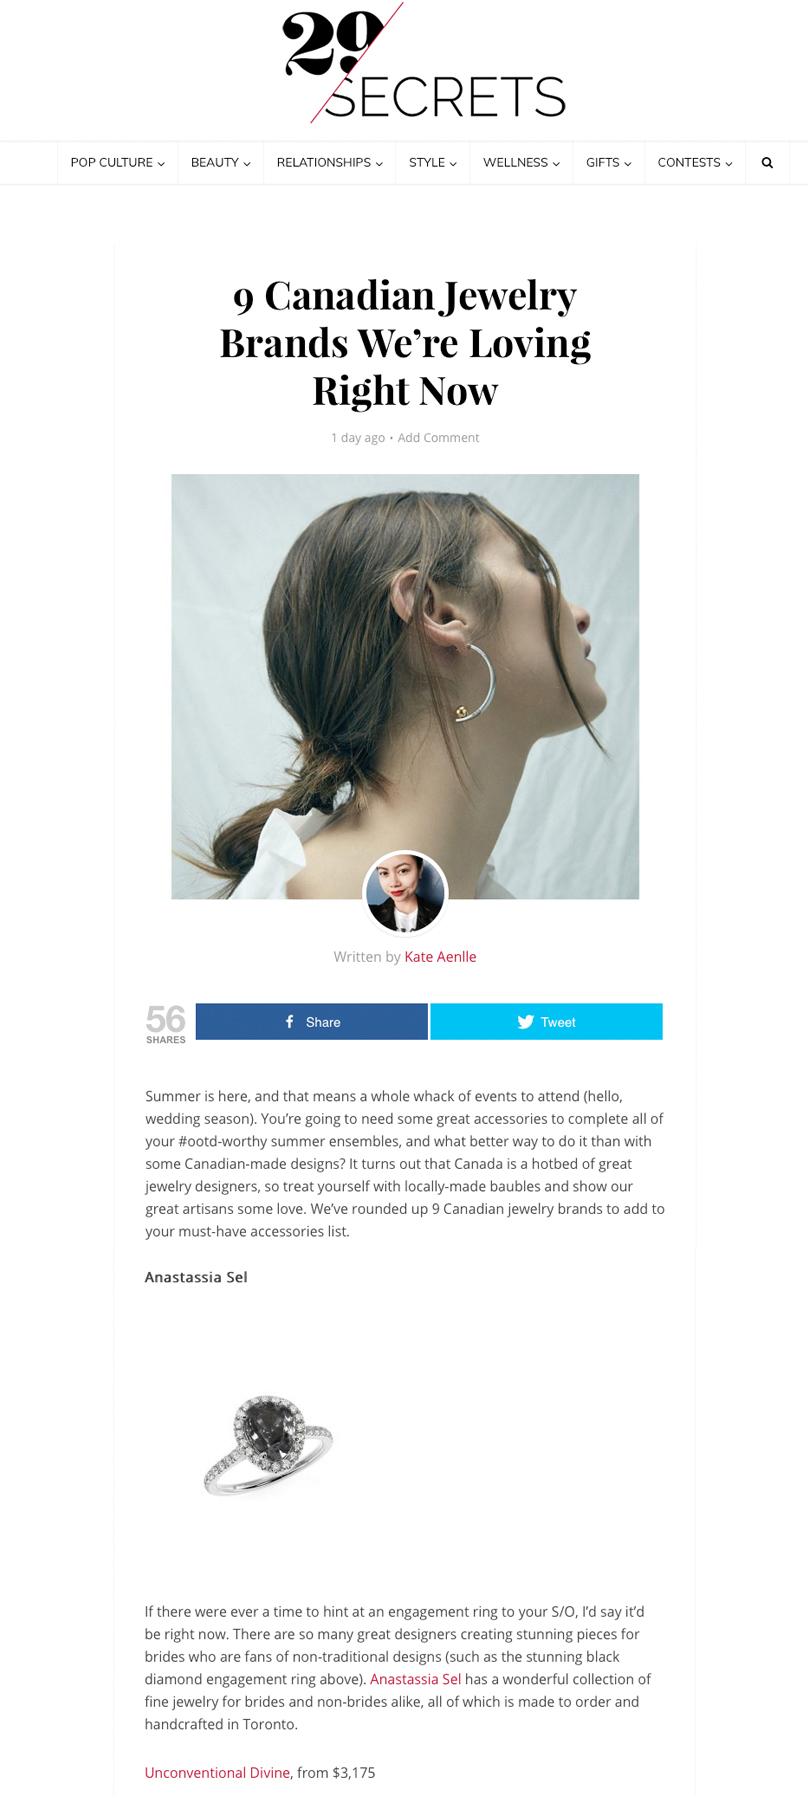 29 Secrets - Anastassia Sel Jewelry